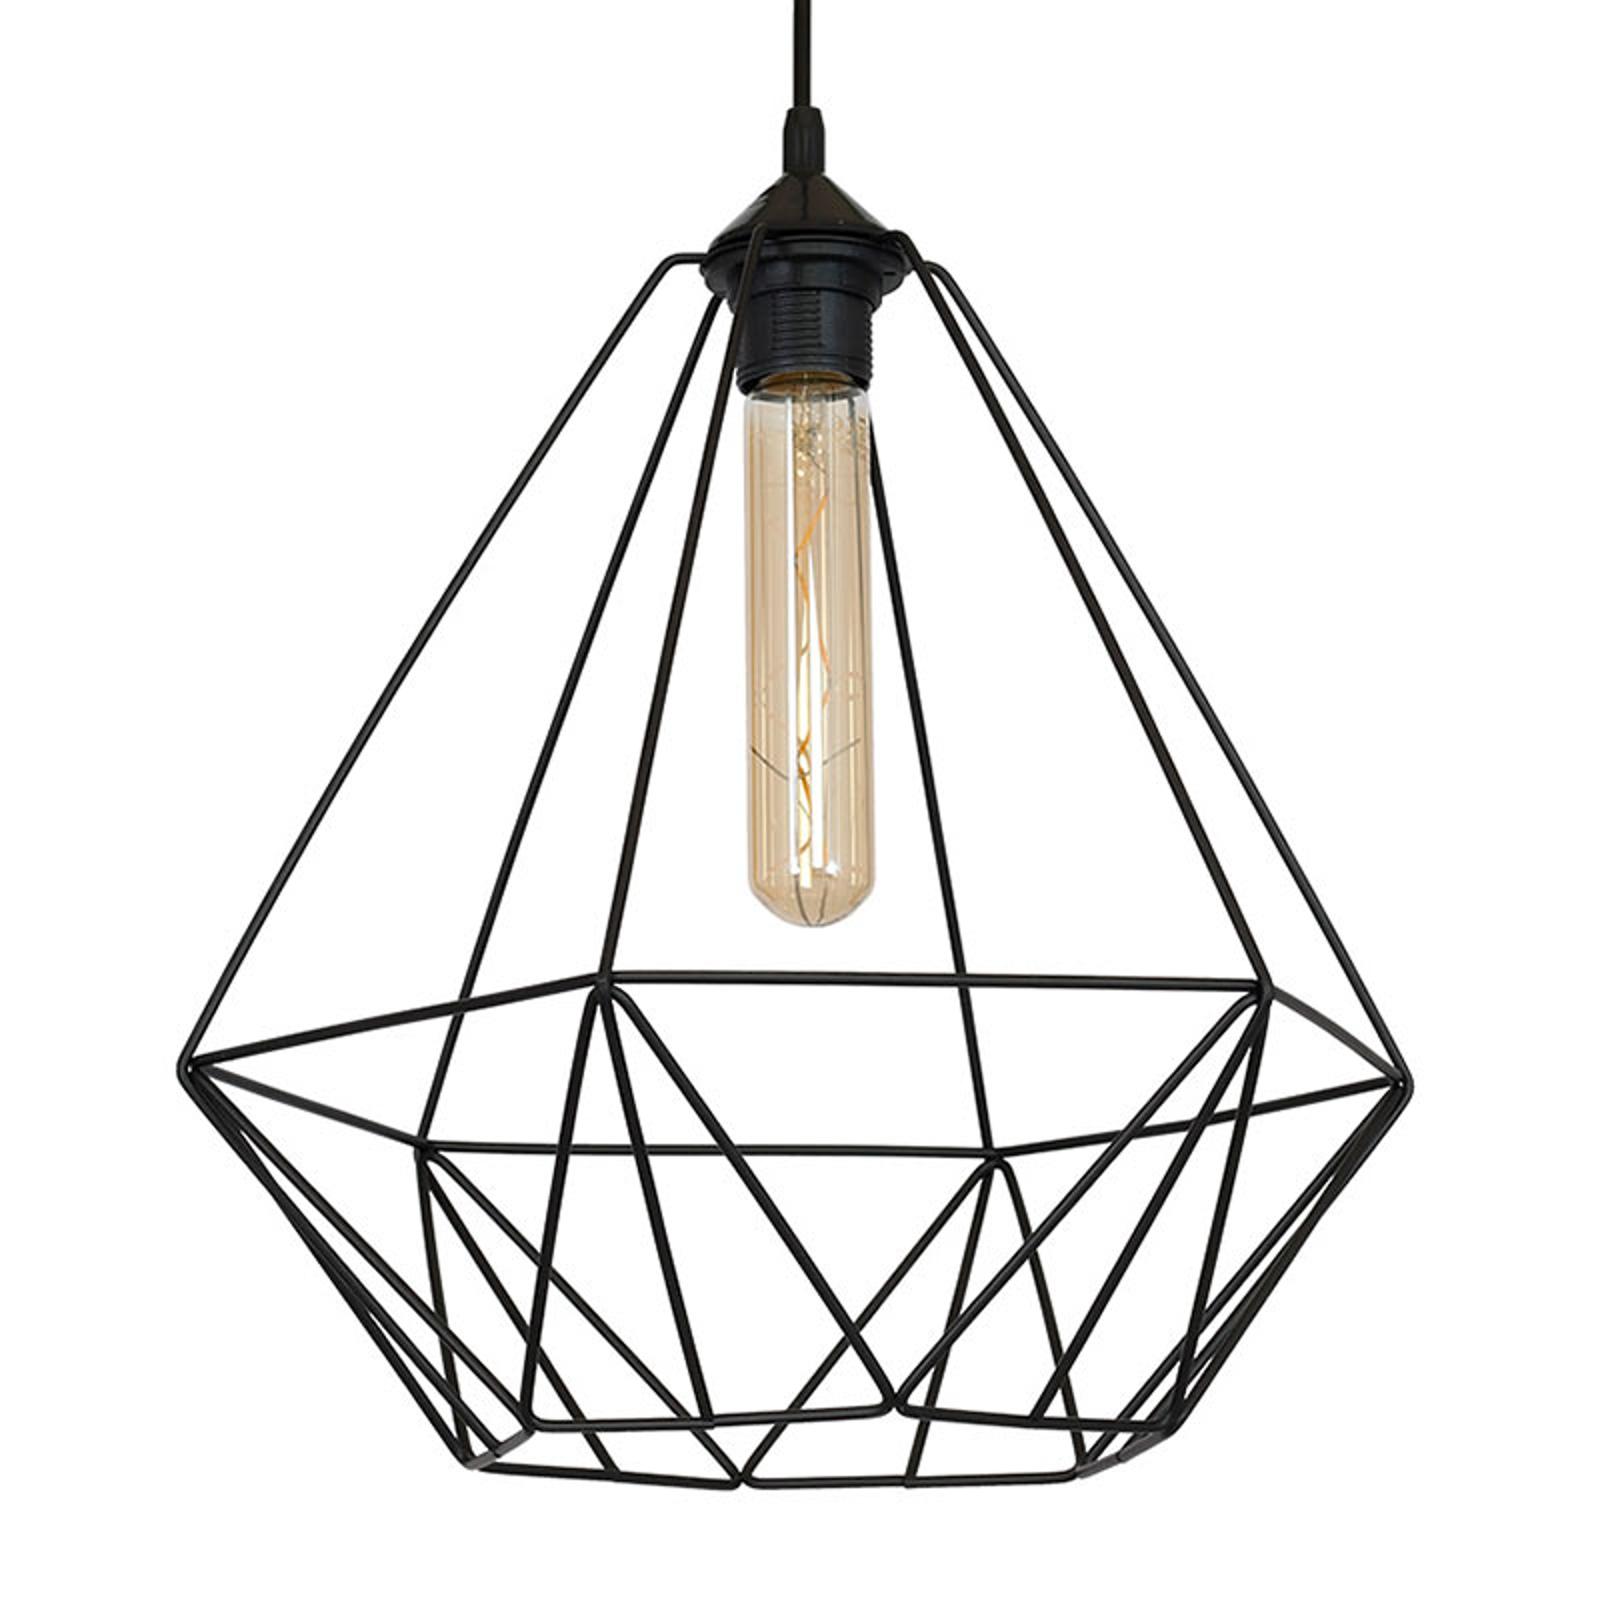 Lampa wisząca Basket z kloszem klatkowym